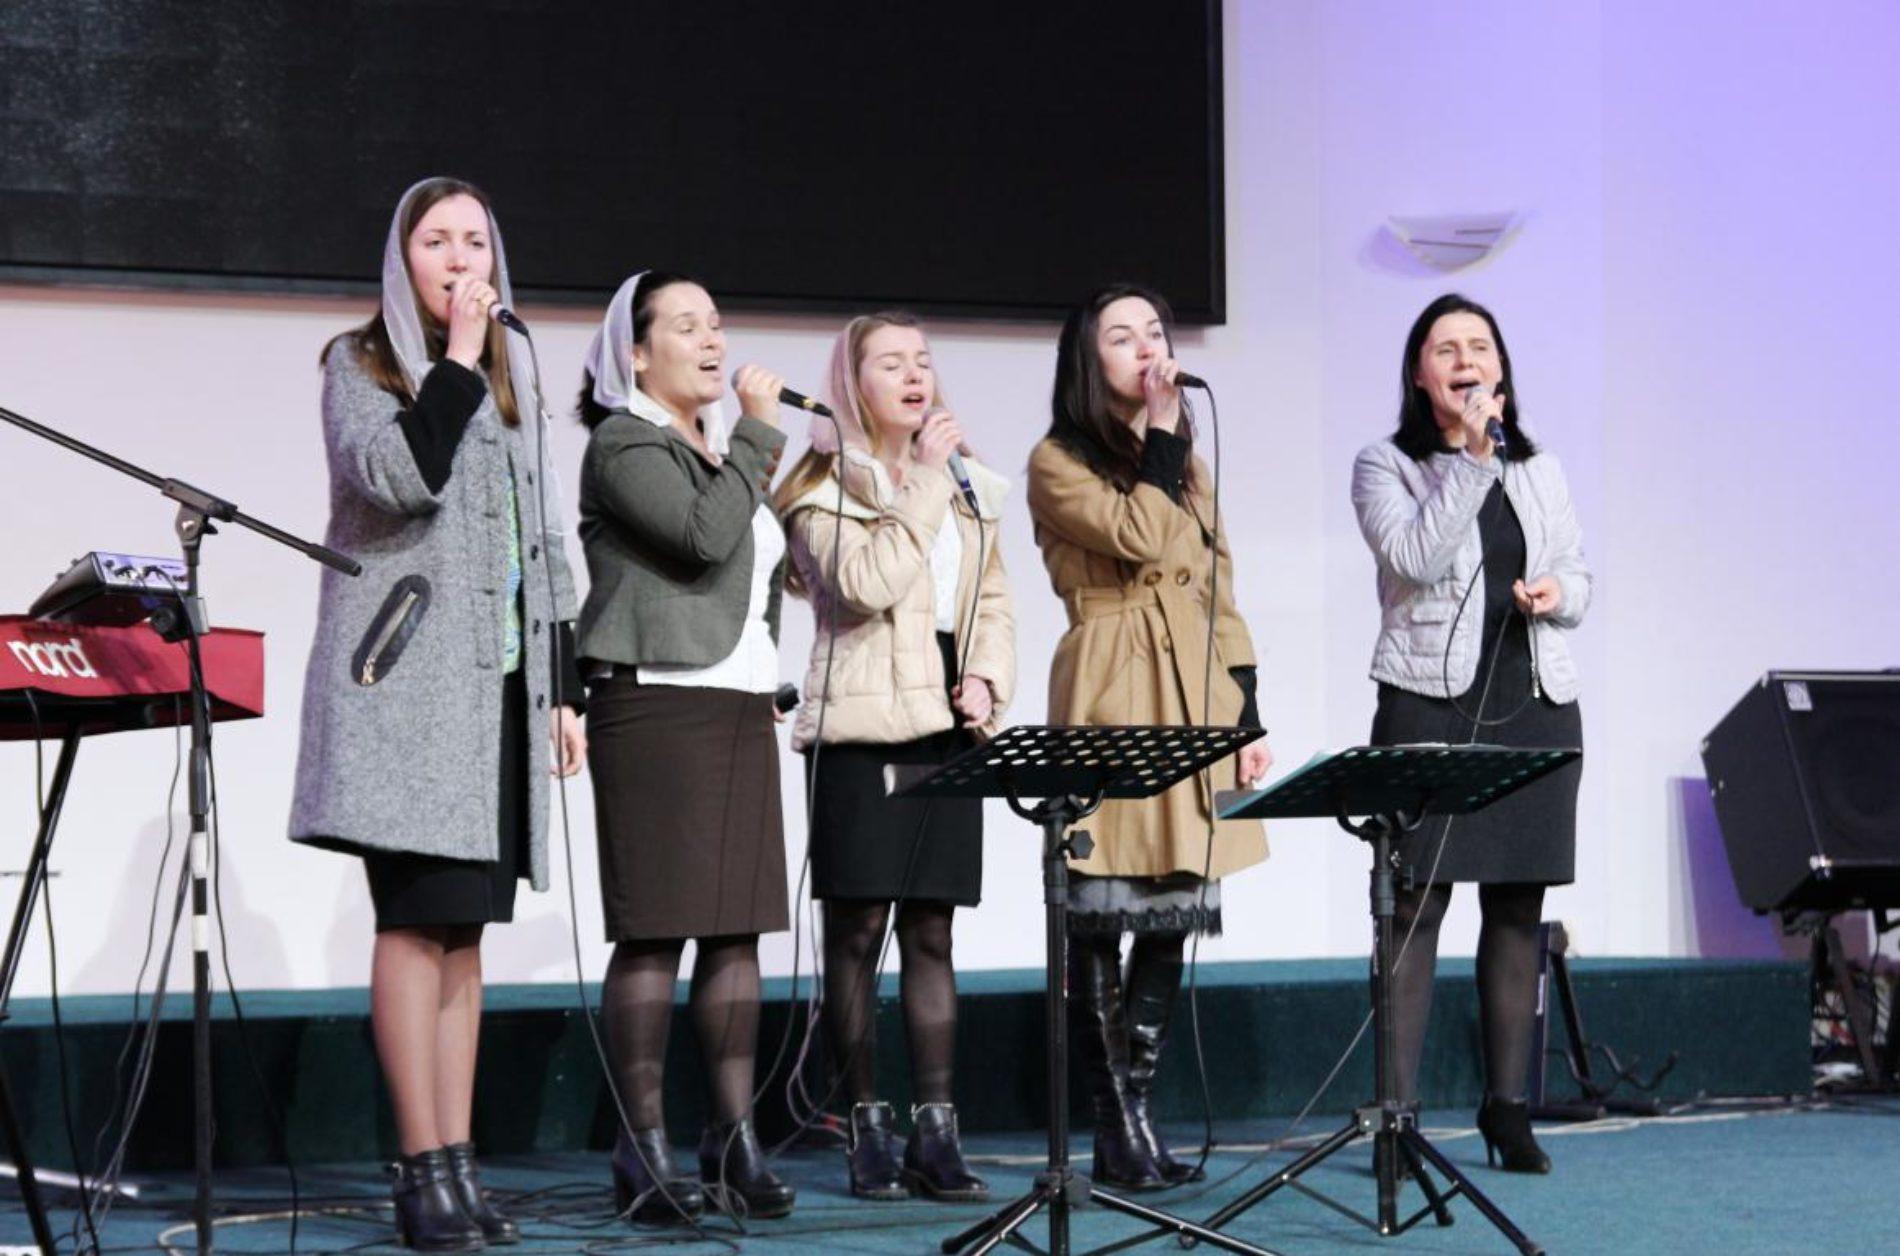 Сестри з церков Києва та області провели конференцію на тему: «Хто я?» (ФОТО)